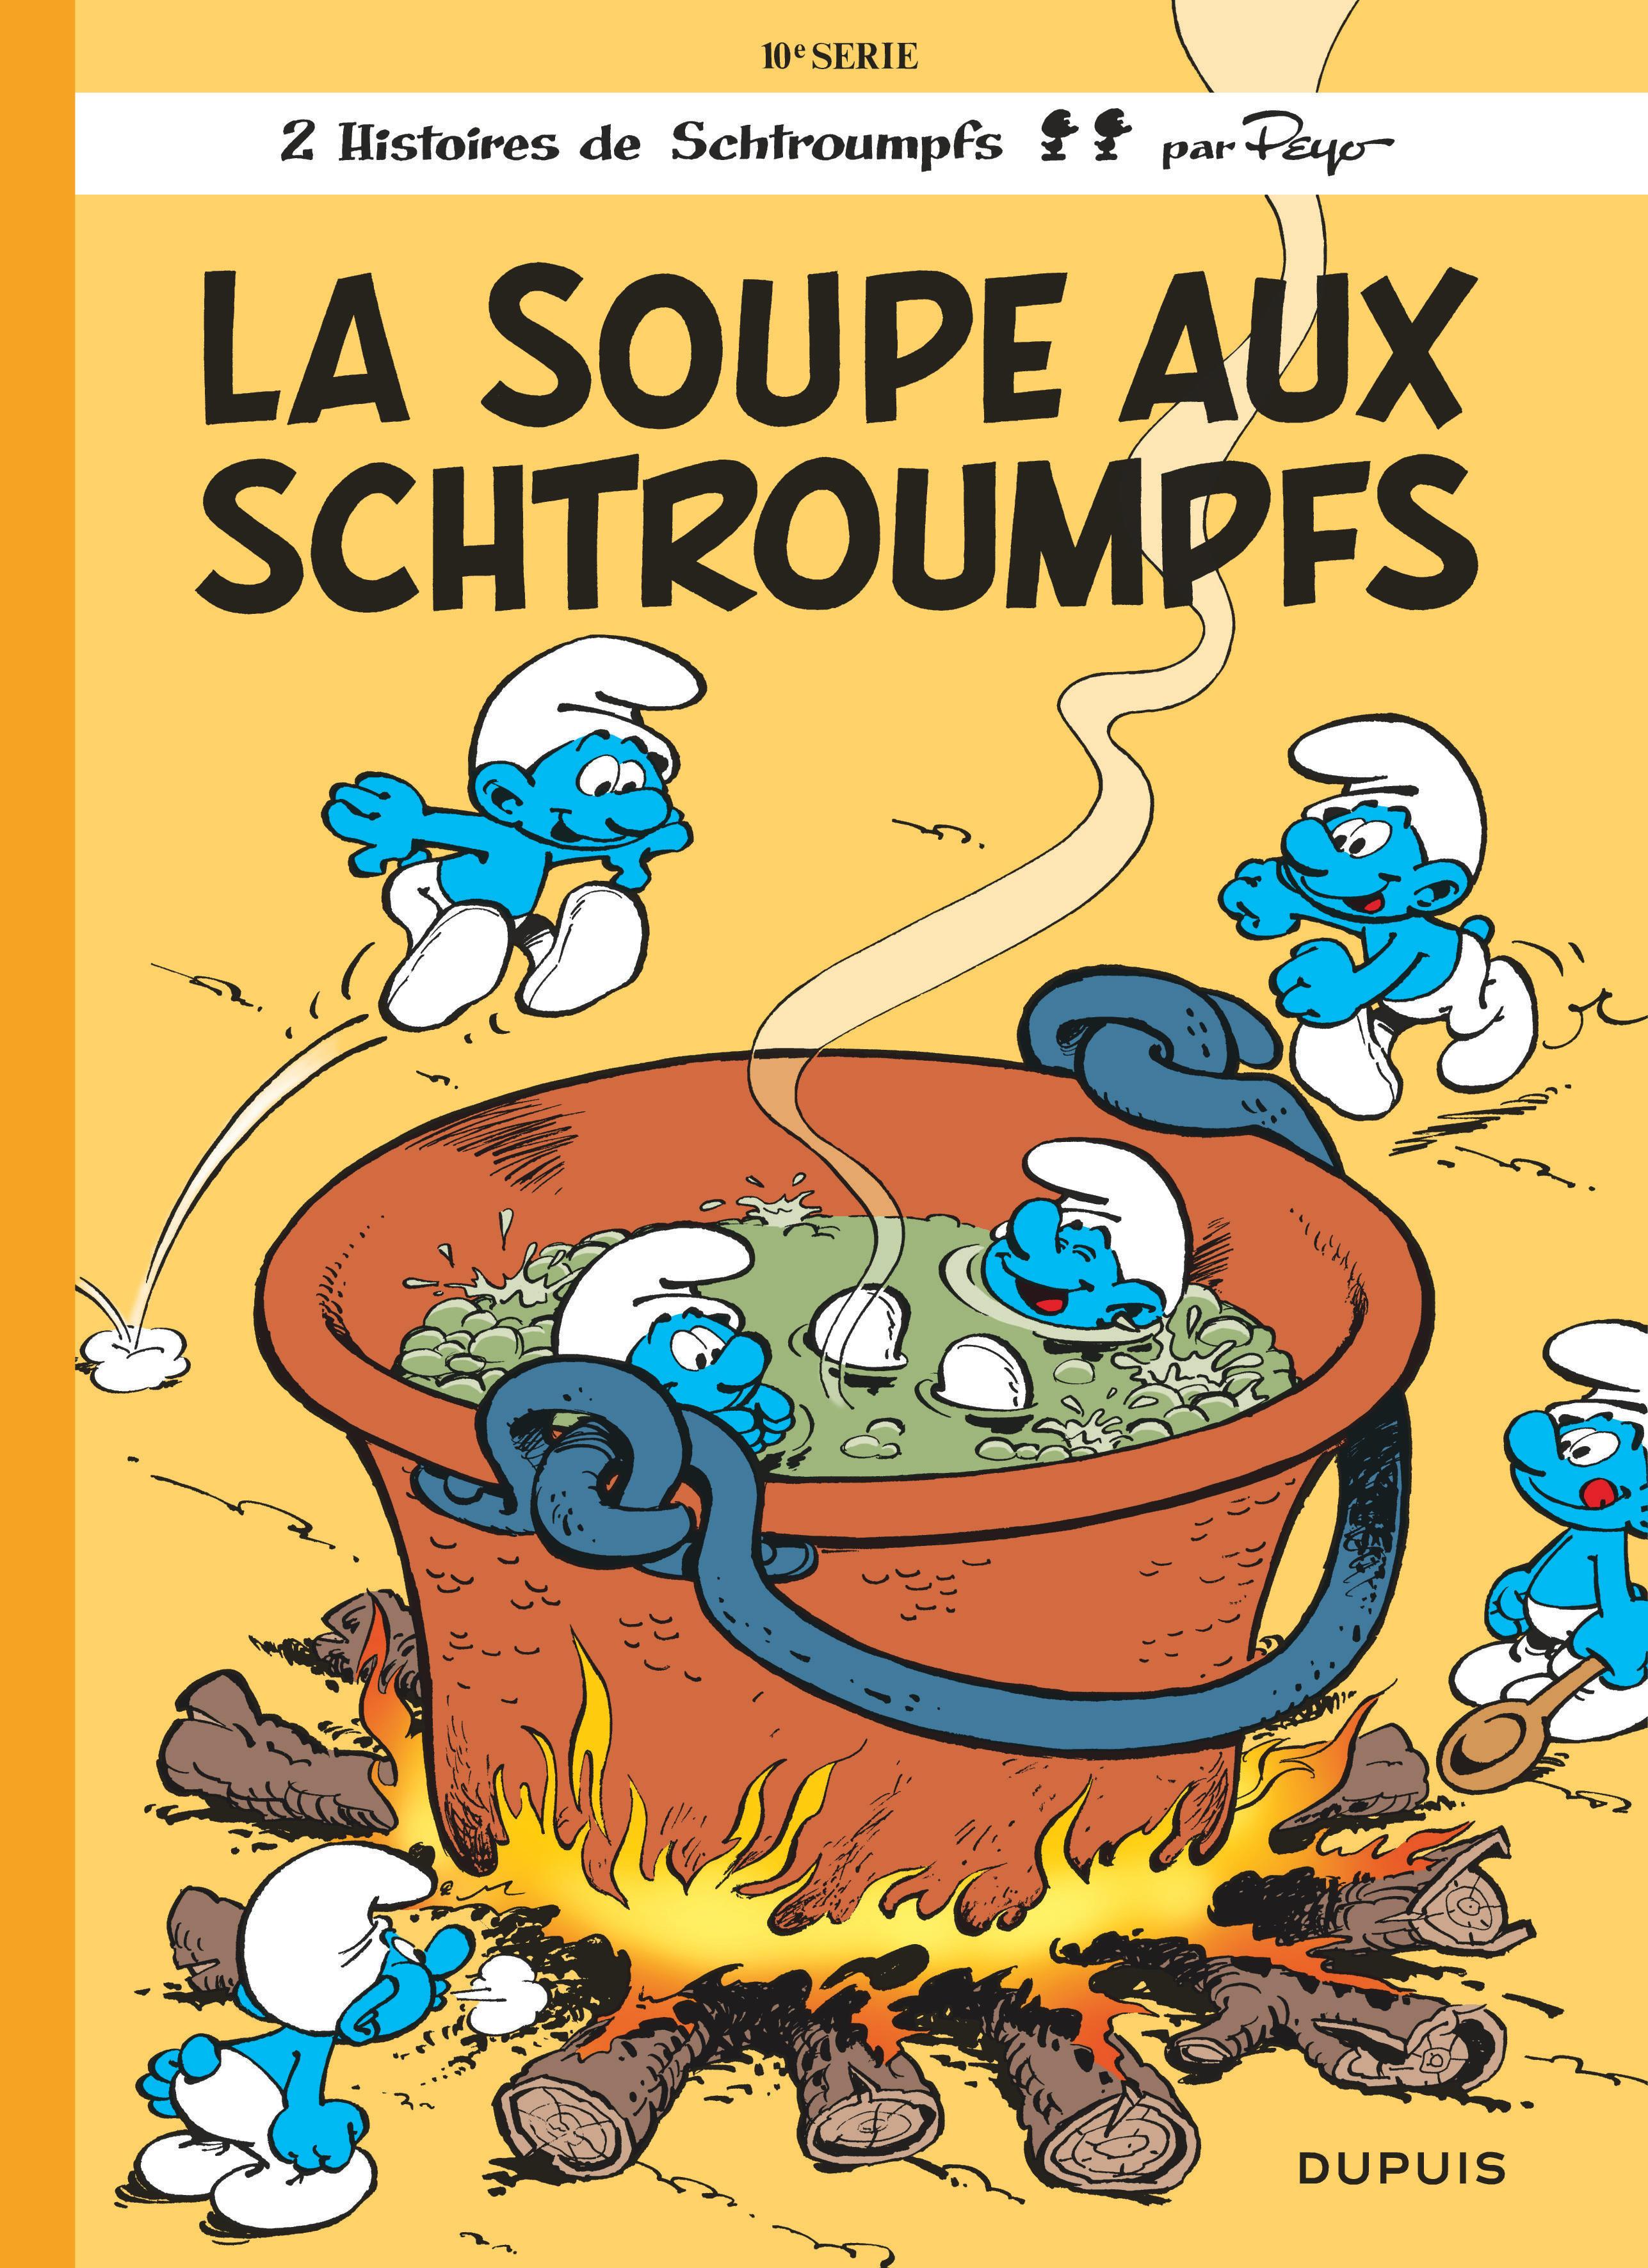 SCHTROUMPFS (DUPUIS) T10 LA SOUPE AUX SCHTROUMPFS